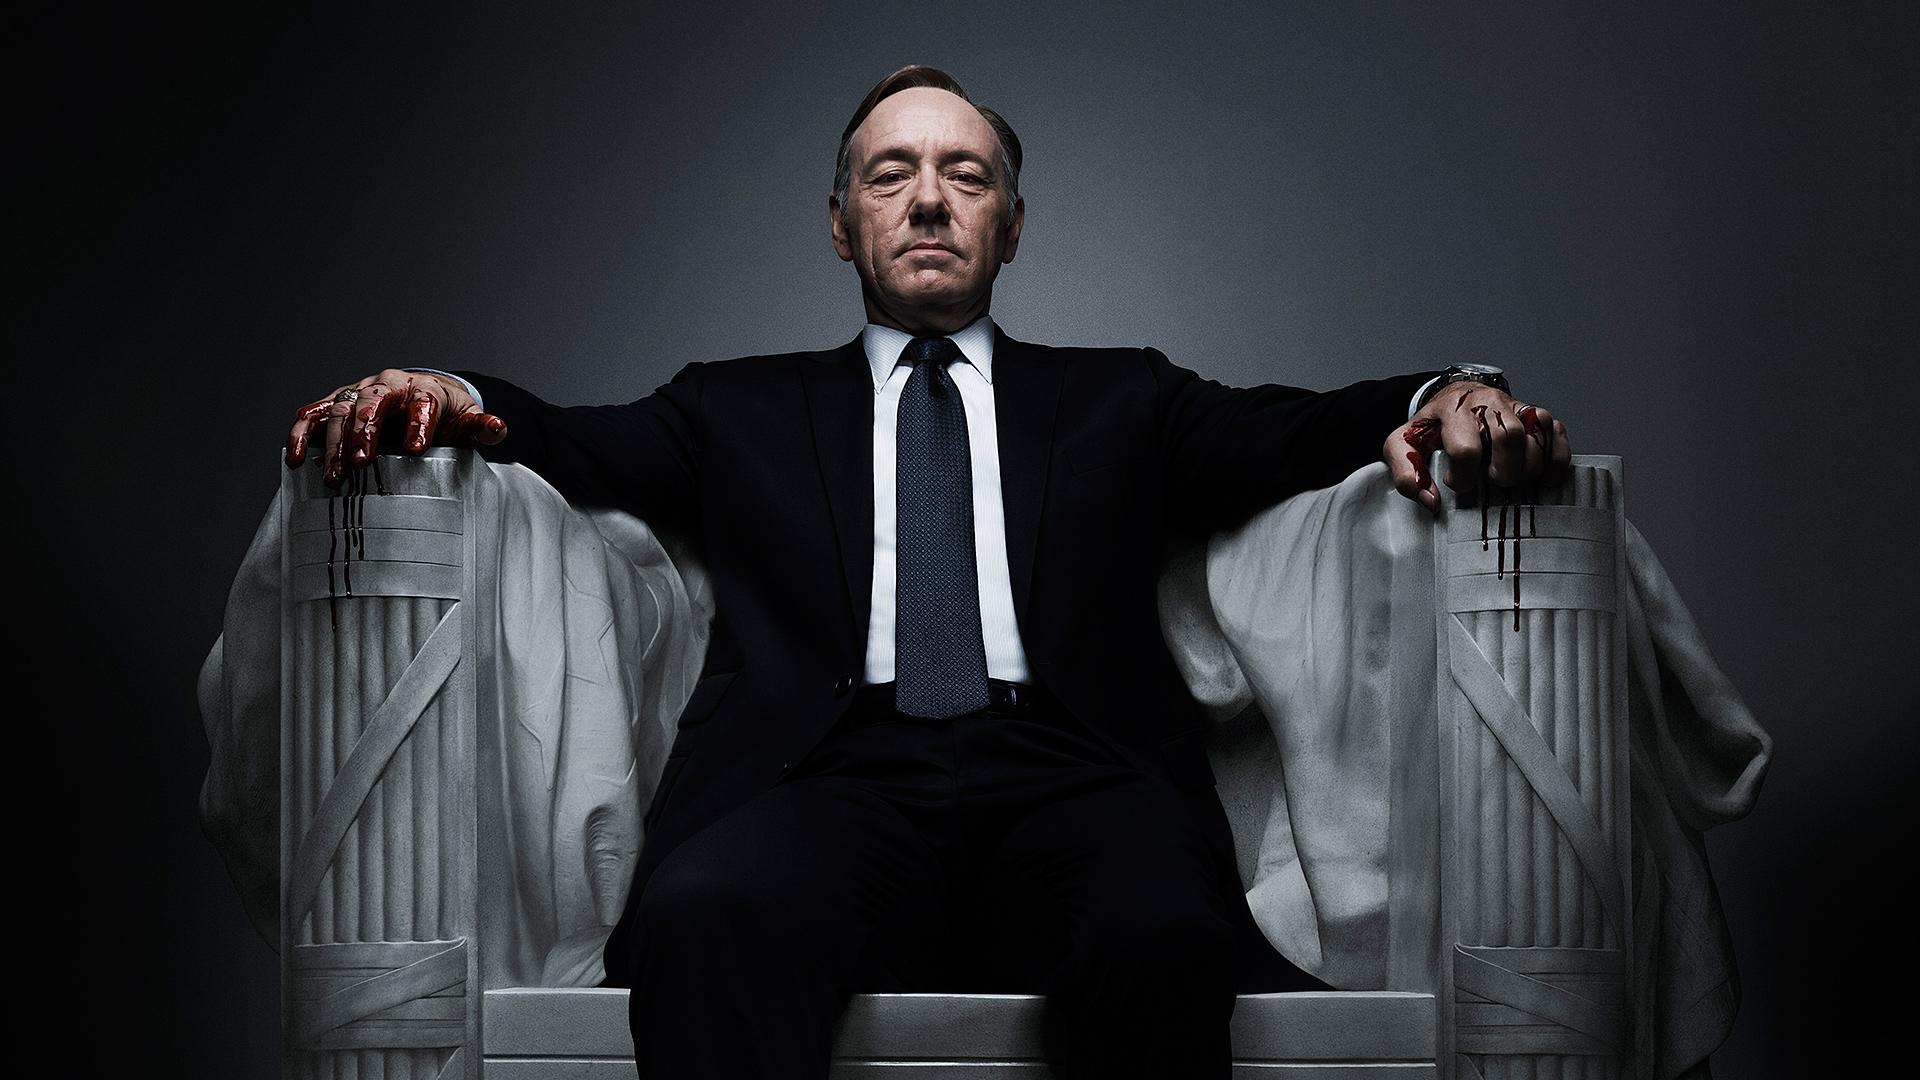 """Tak, doczekaliśmy. Nareszcie obejrzymy 4 sezon """"House of Cards"""" z polskimi napisami w Netfliksie"""